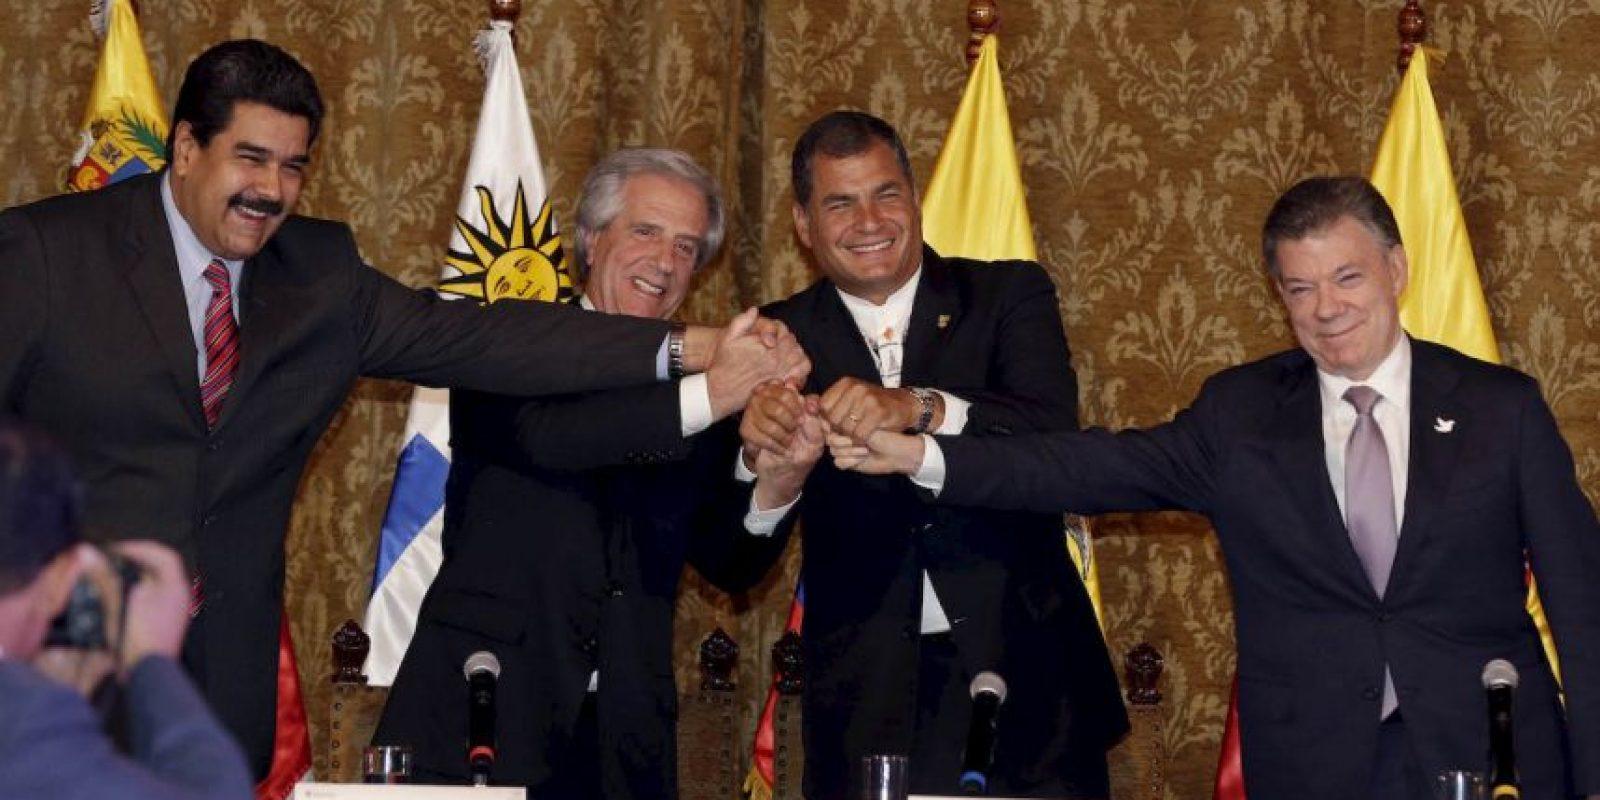 La reunión entre los mandatarios se llevó a cabo en el Palacio de Carondelet en Quito, Ecuador. Foto:AP